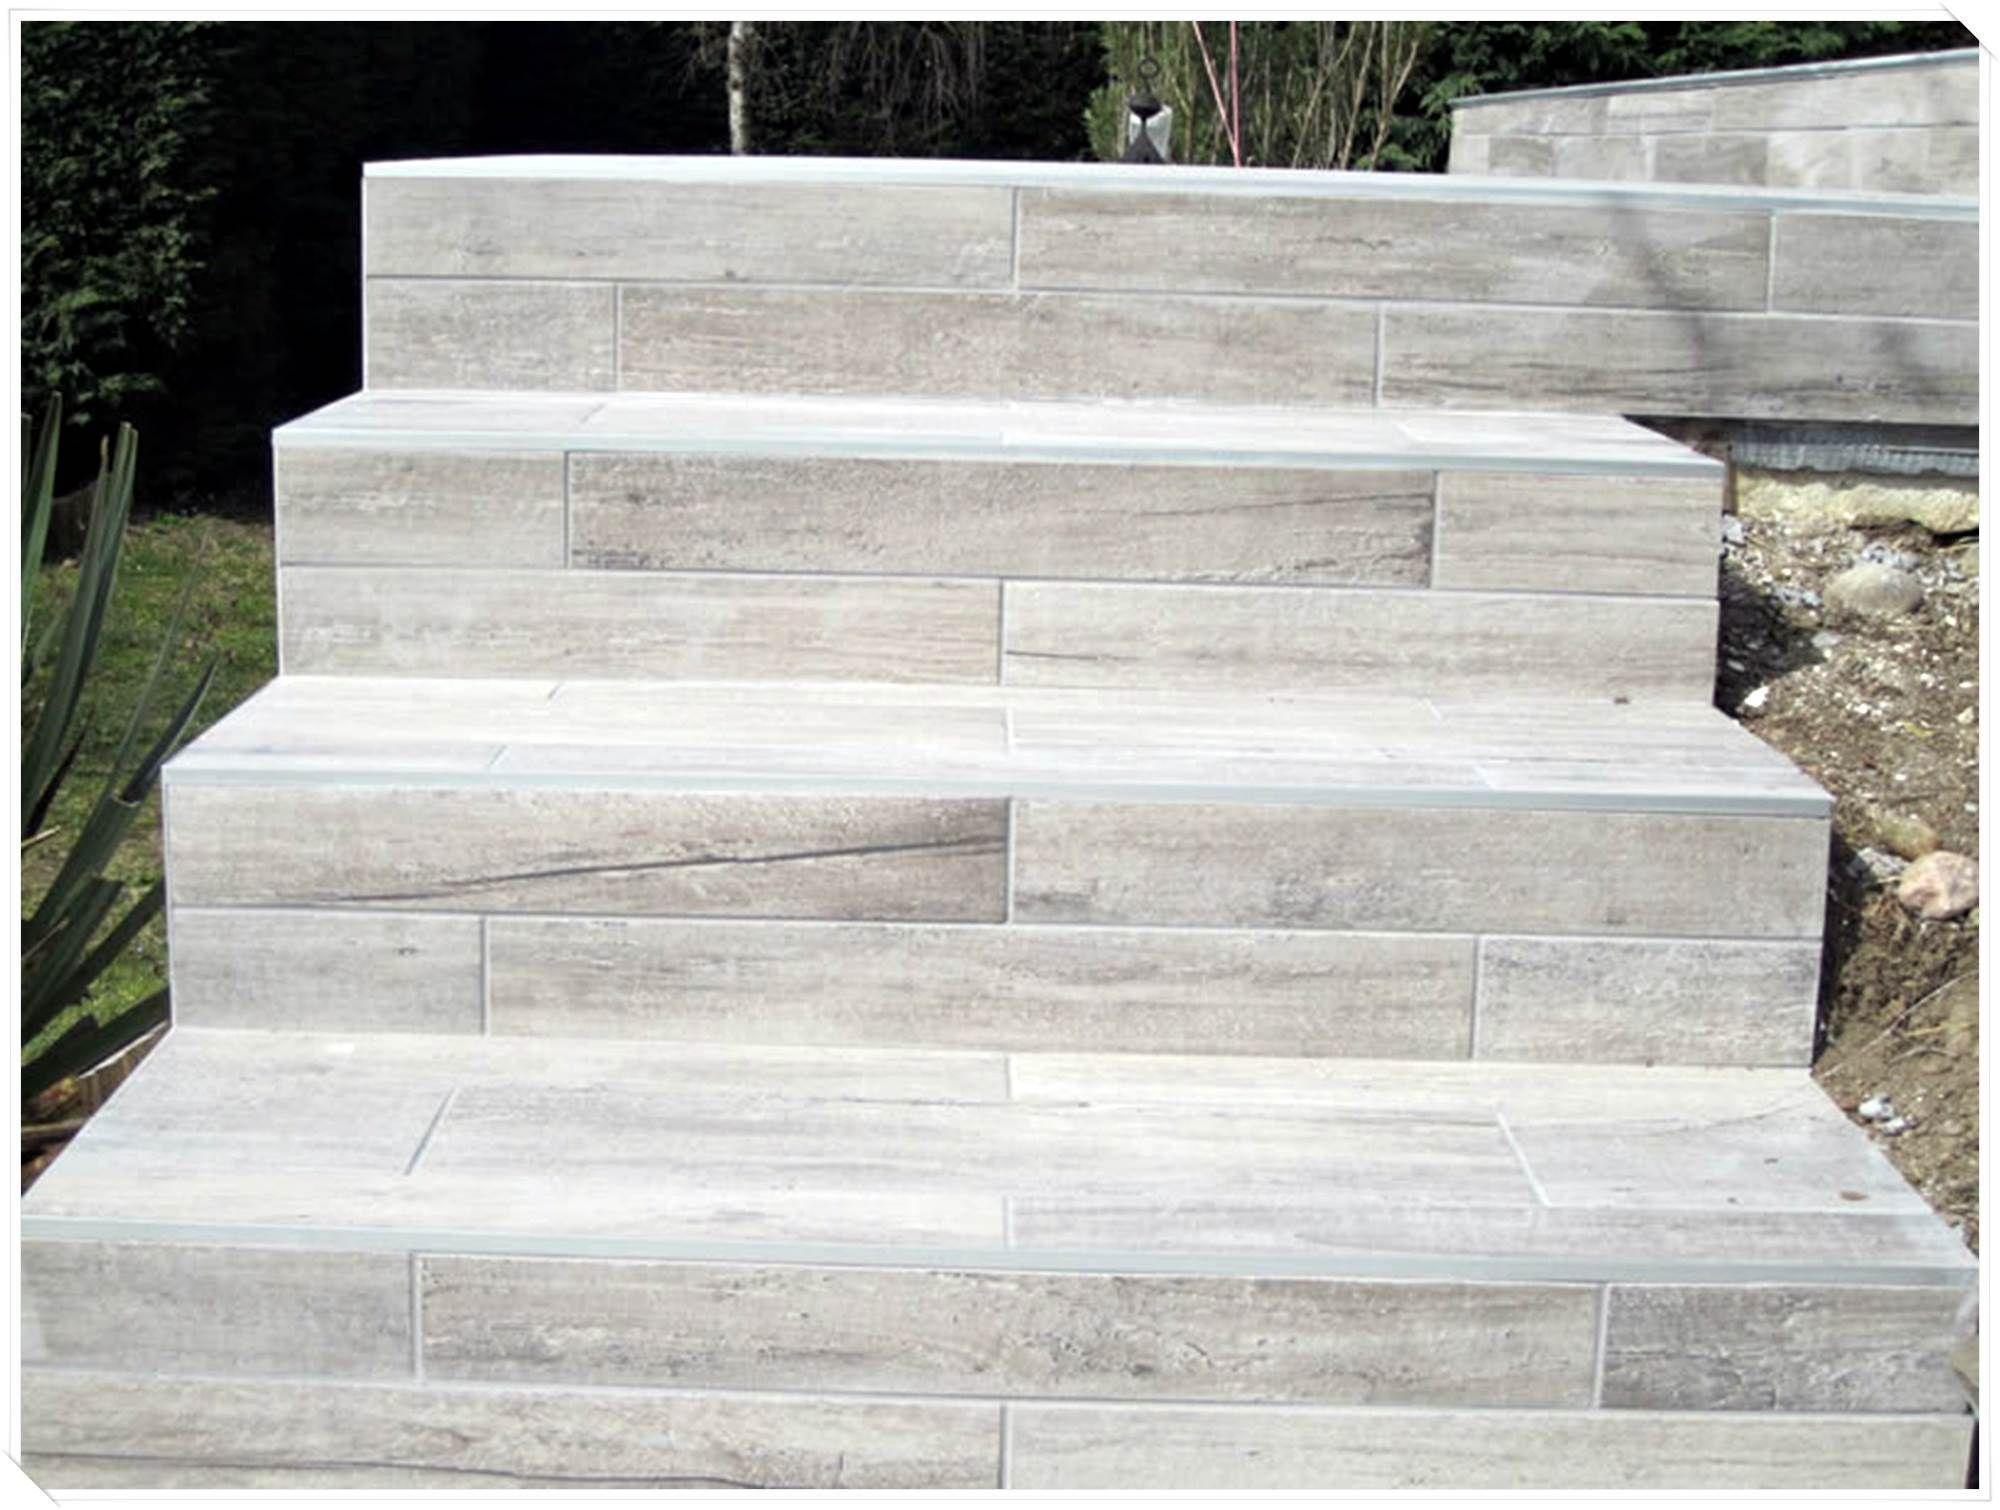 Resultat De Recherche D Images Pour Escalier Exterieur En Carrelage